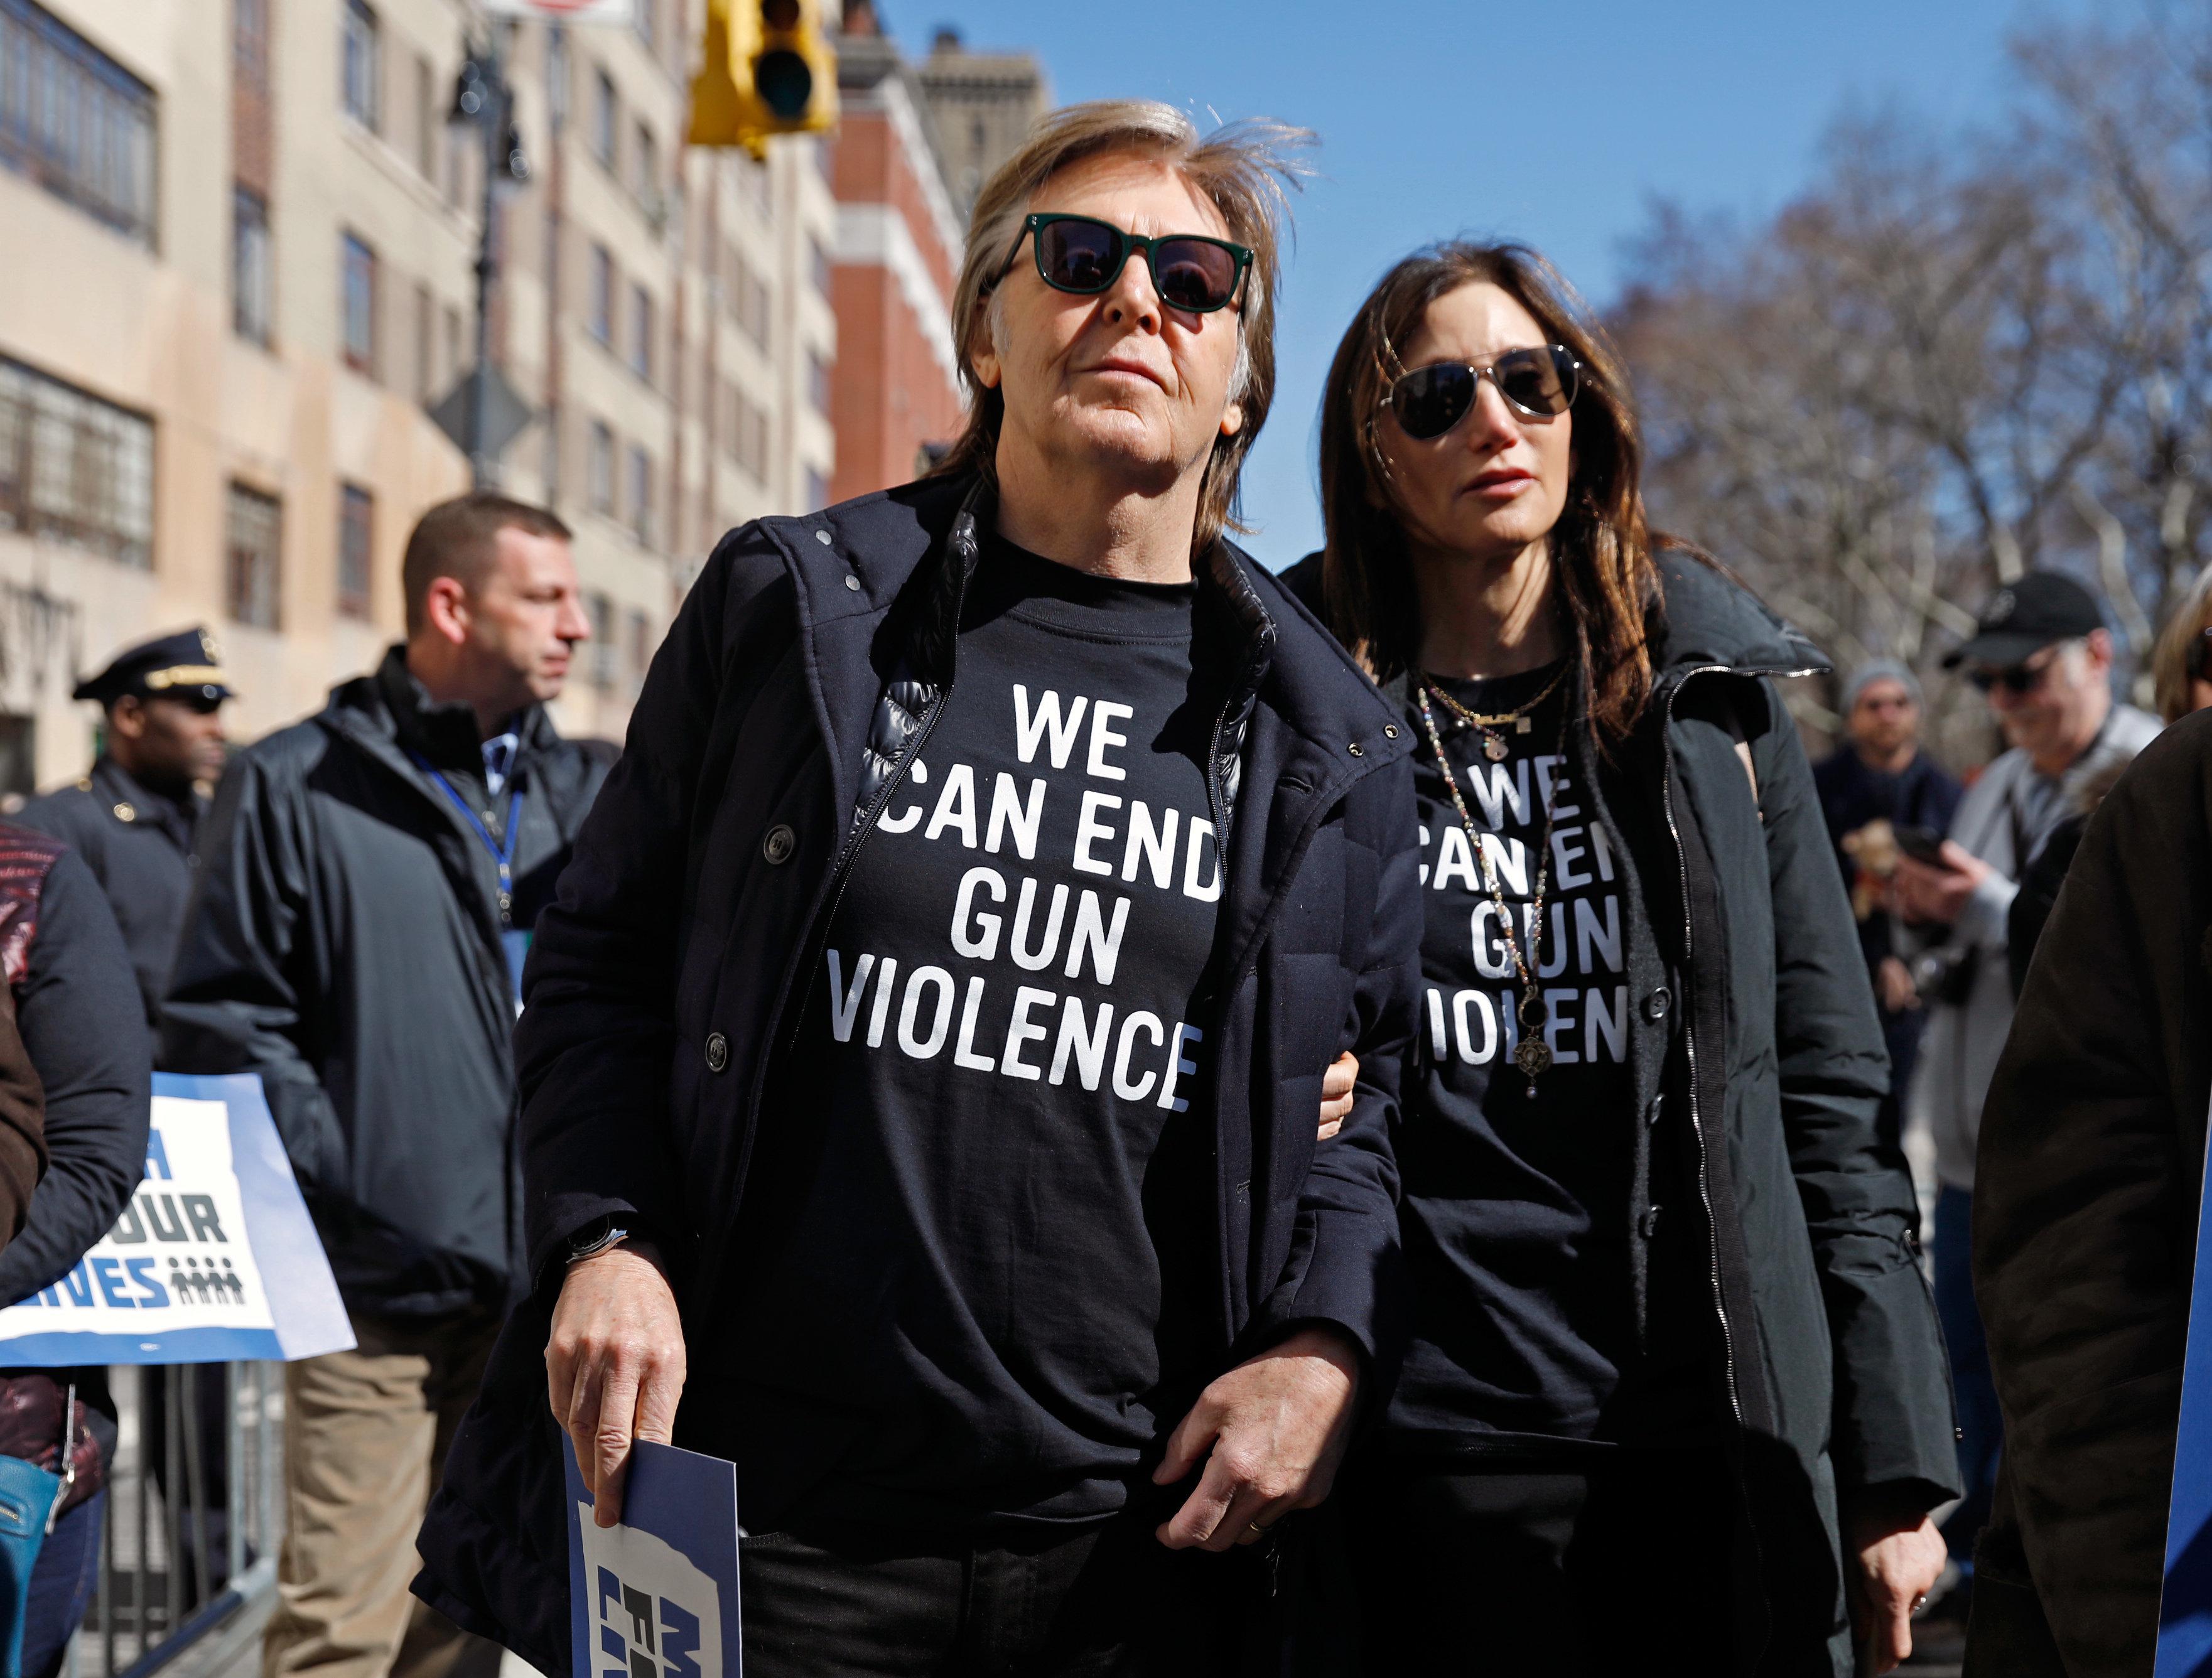 O Paul McCartney τίμησε τη μνήμη του John Lennon στην πορεία κατά της οπλοκατοχής